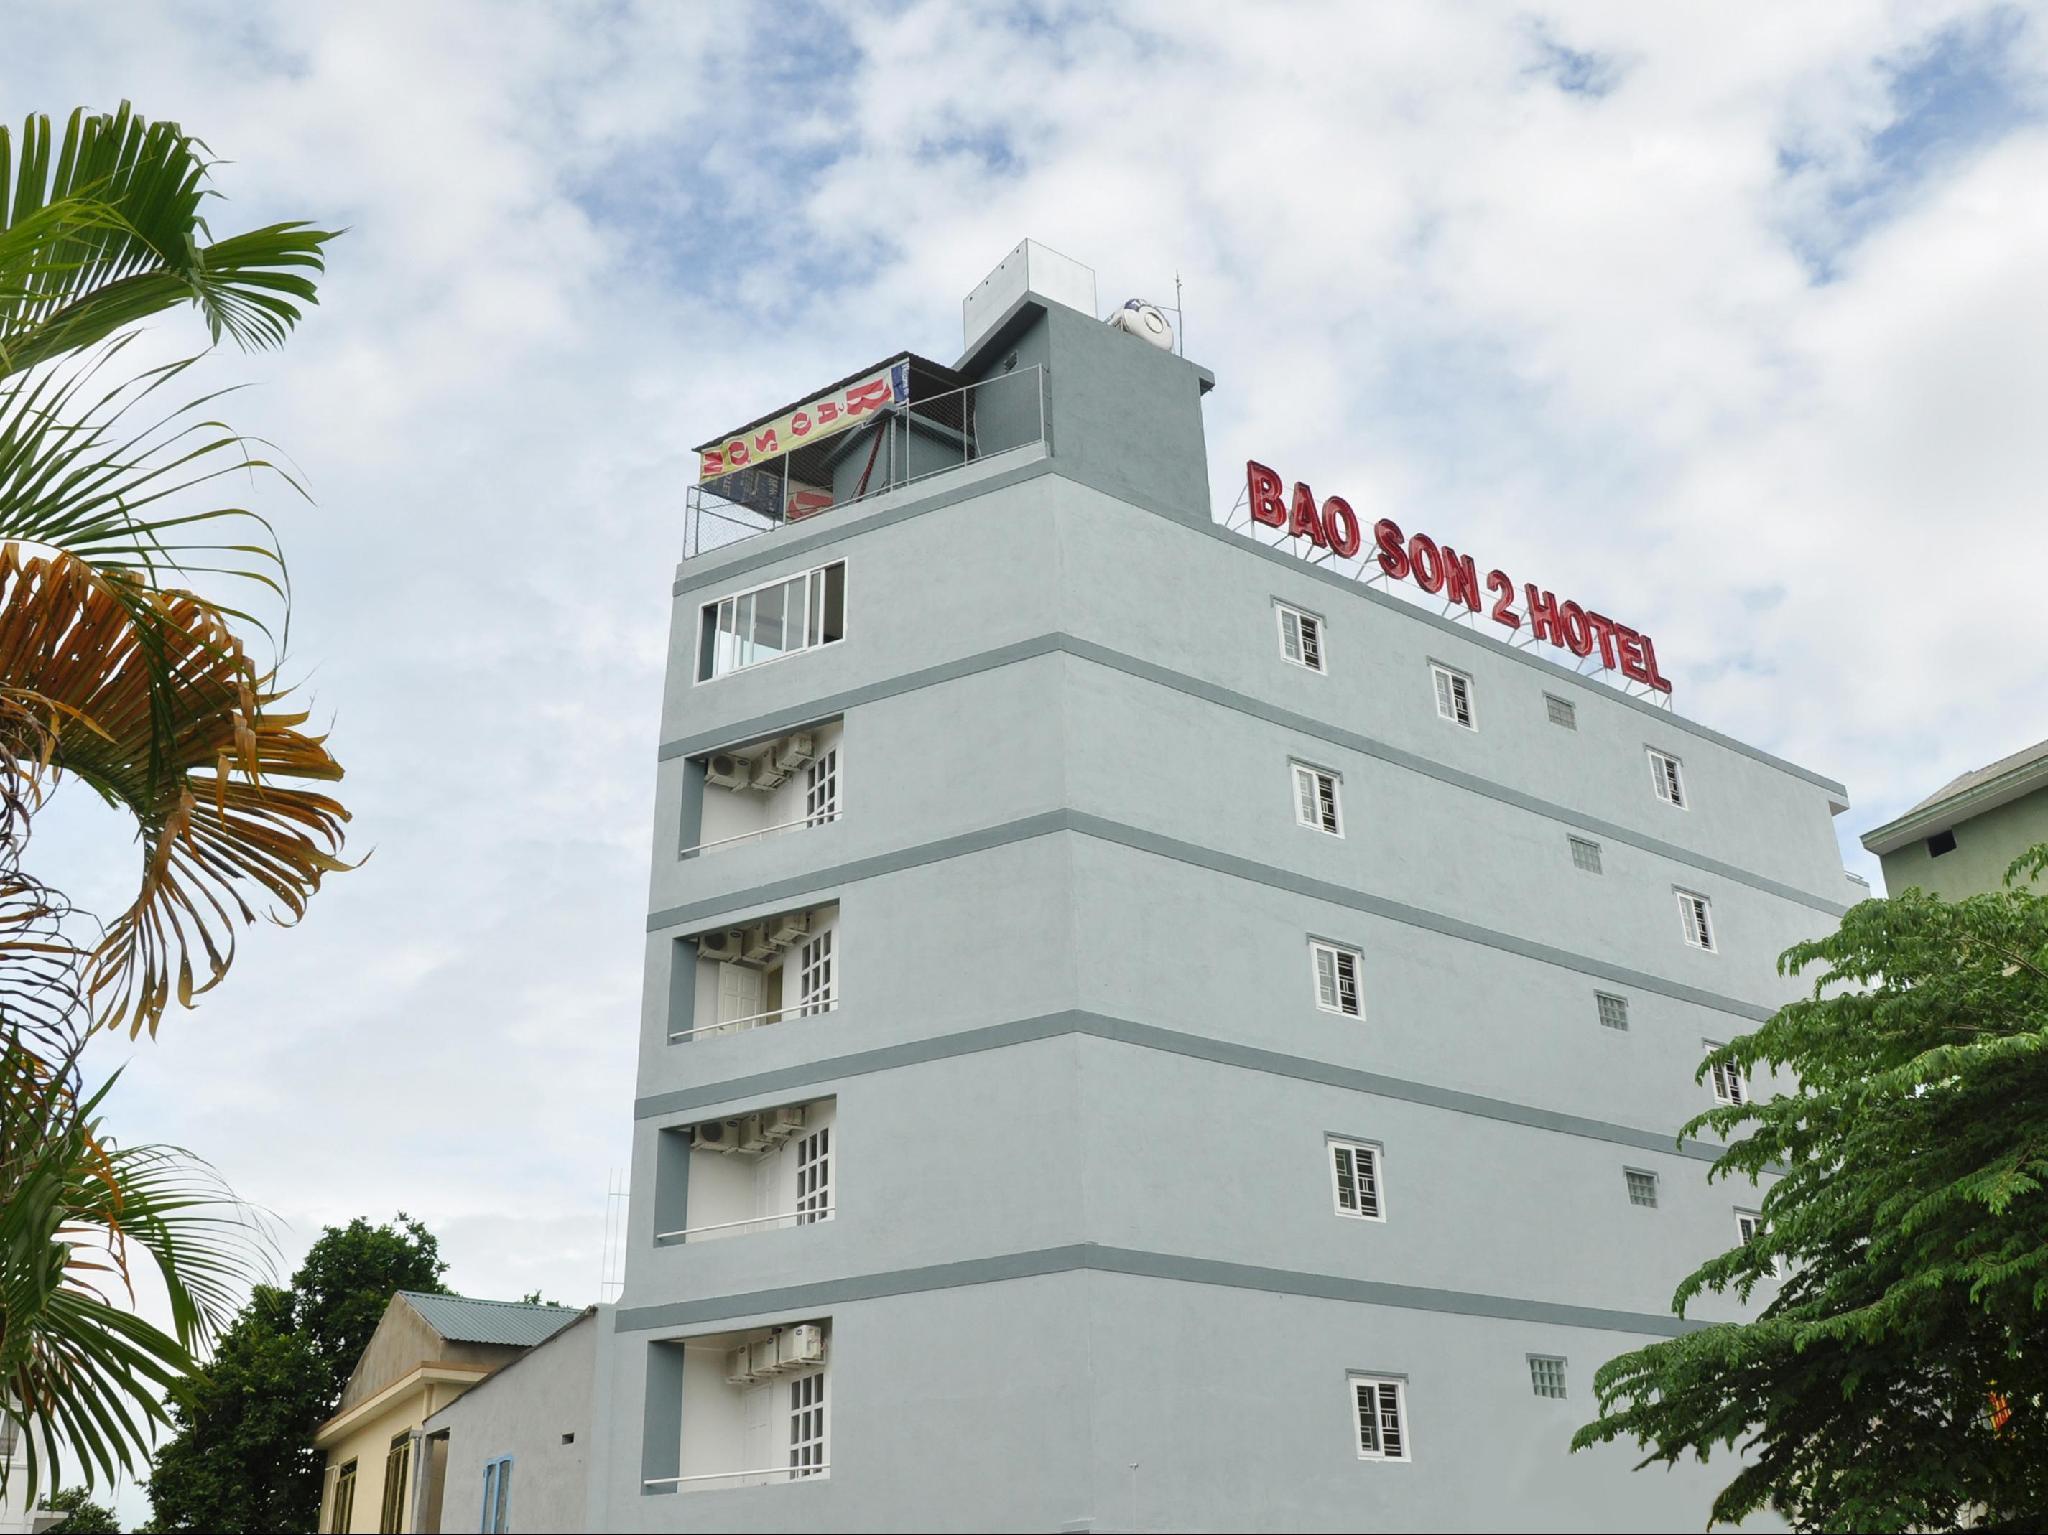 Bao Son 2 Hotel - Hotell och Boende i Vietnam , Hue